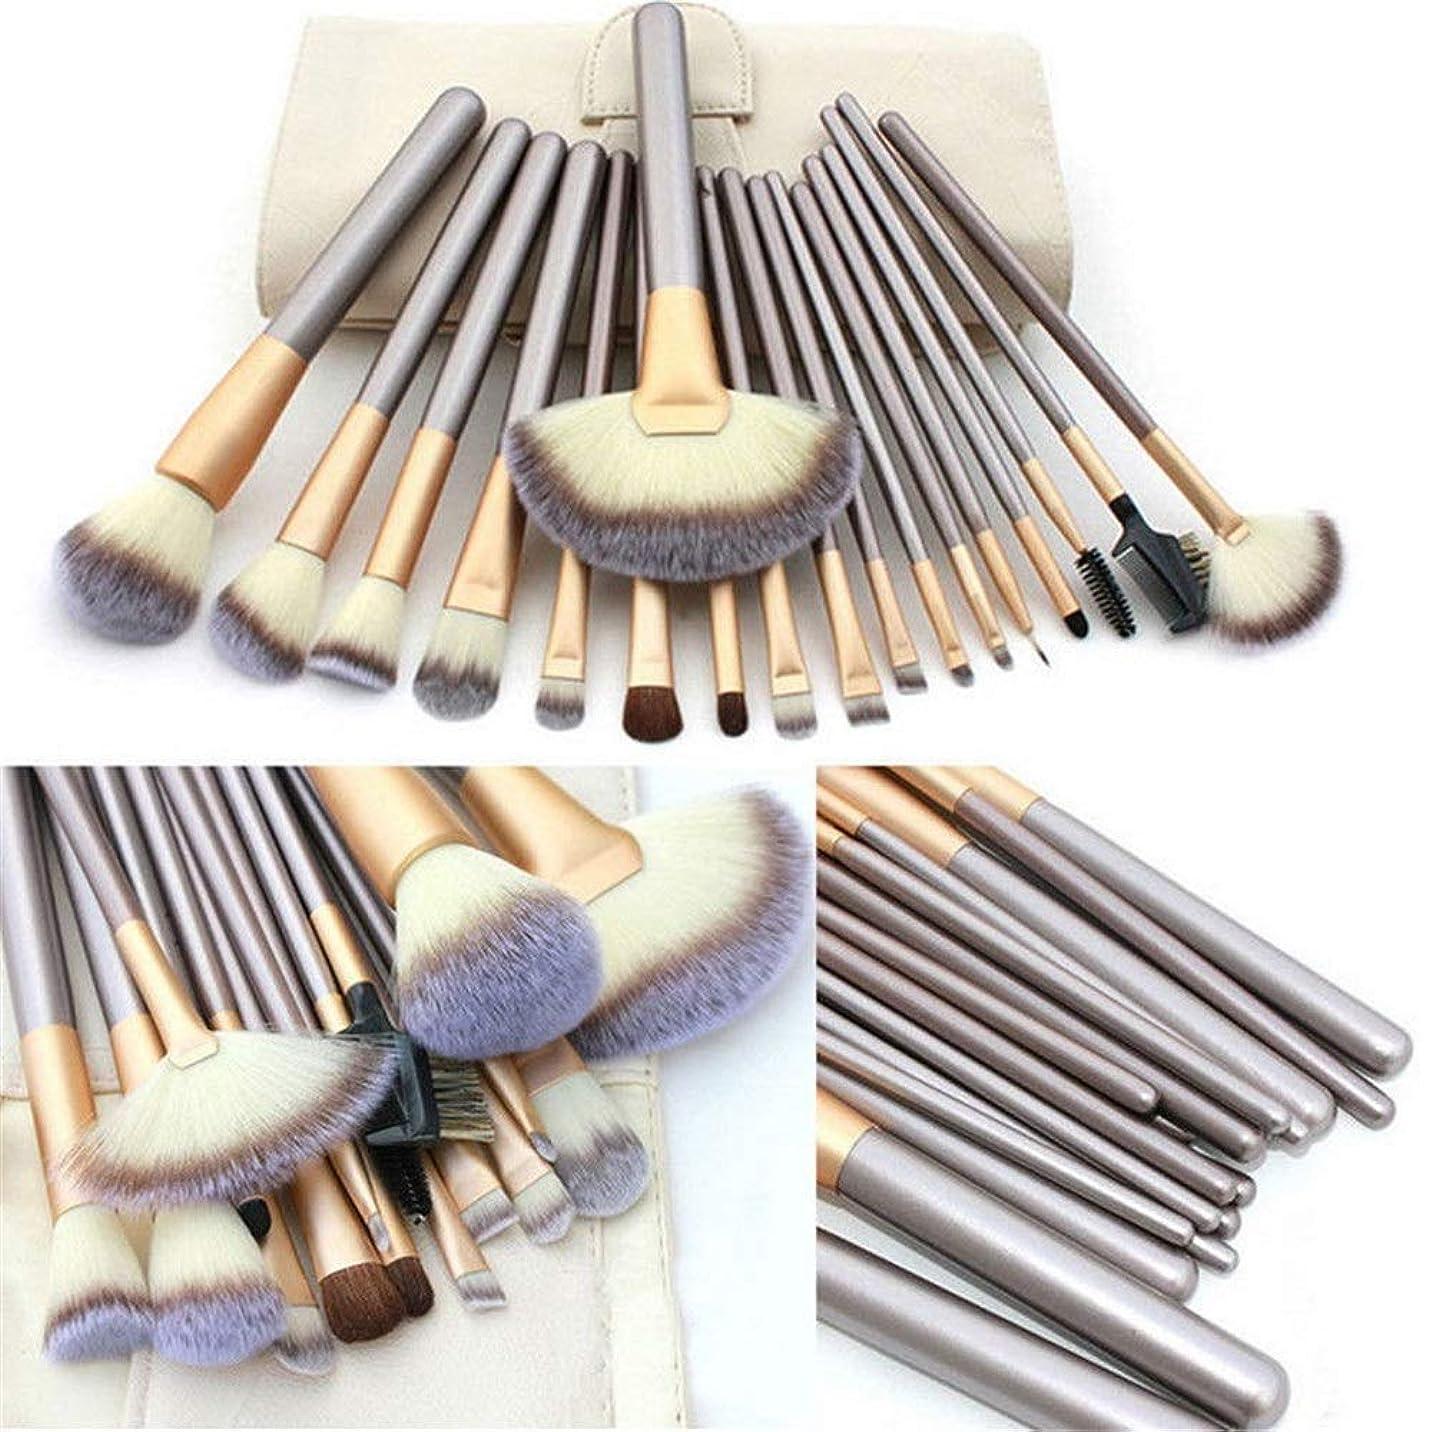 迫害フロント慣性Makeup brushes ナイロンヘア、PUレザーエクリュメイクアップブラシセットポーチ、18個プロフェッショナルメイクアップブラシカウンターシンク suits (Color : Beige)